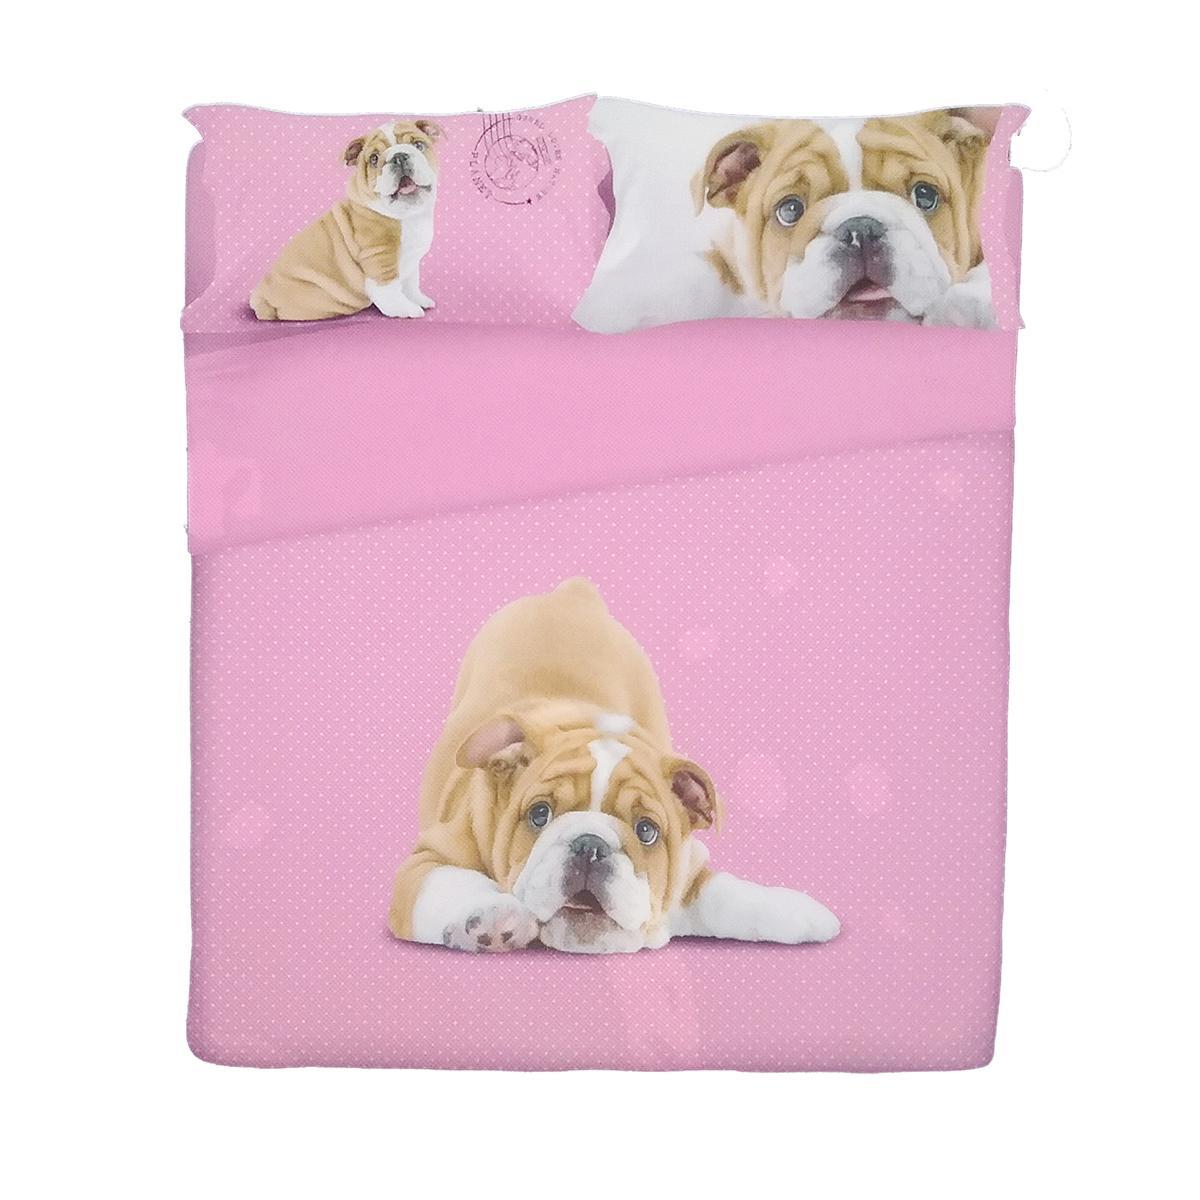 Completo lenzuola letto piazza e mezza grrr cane by gabel rosa - Completo letto 1 piazza e mezza ...